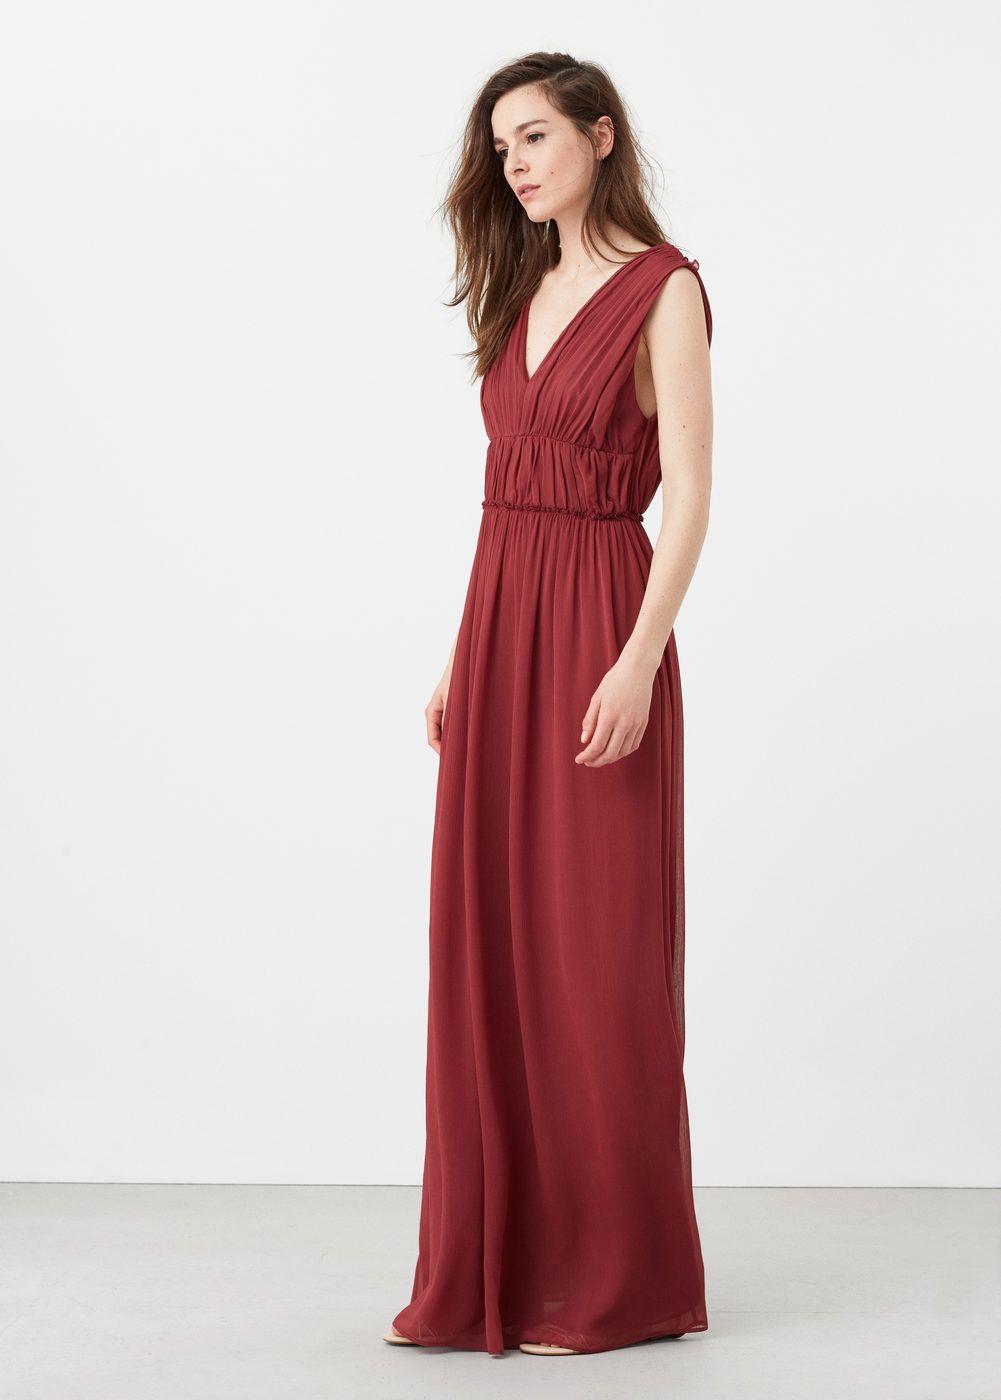 Długa drapowana sukienka - Kobieta   wedding   Dresses, Drape gowns ... 7d7860211a00